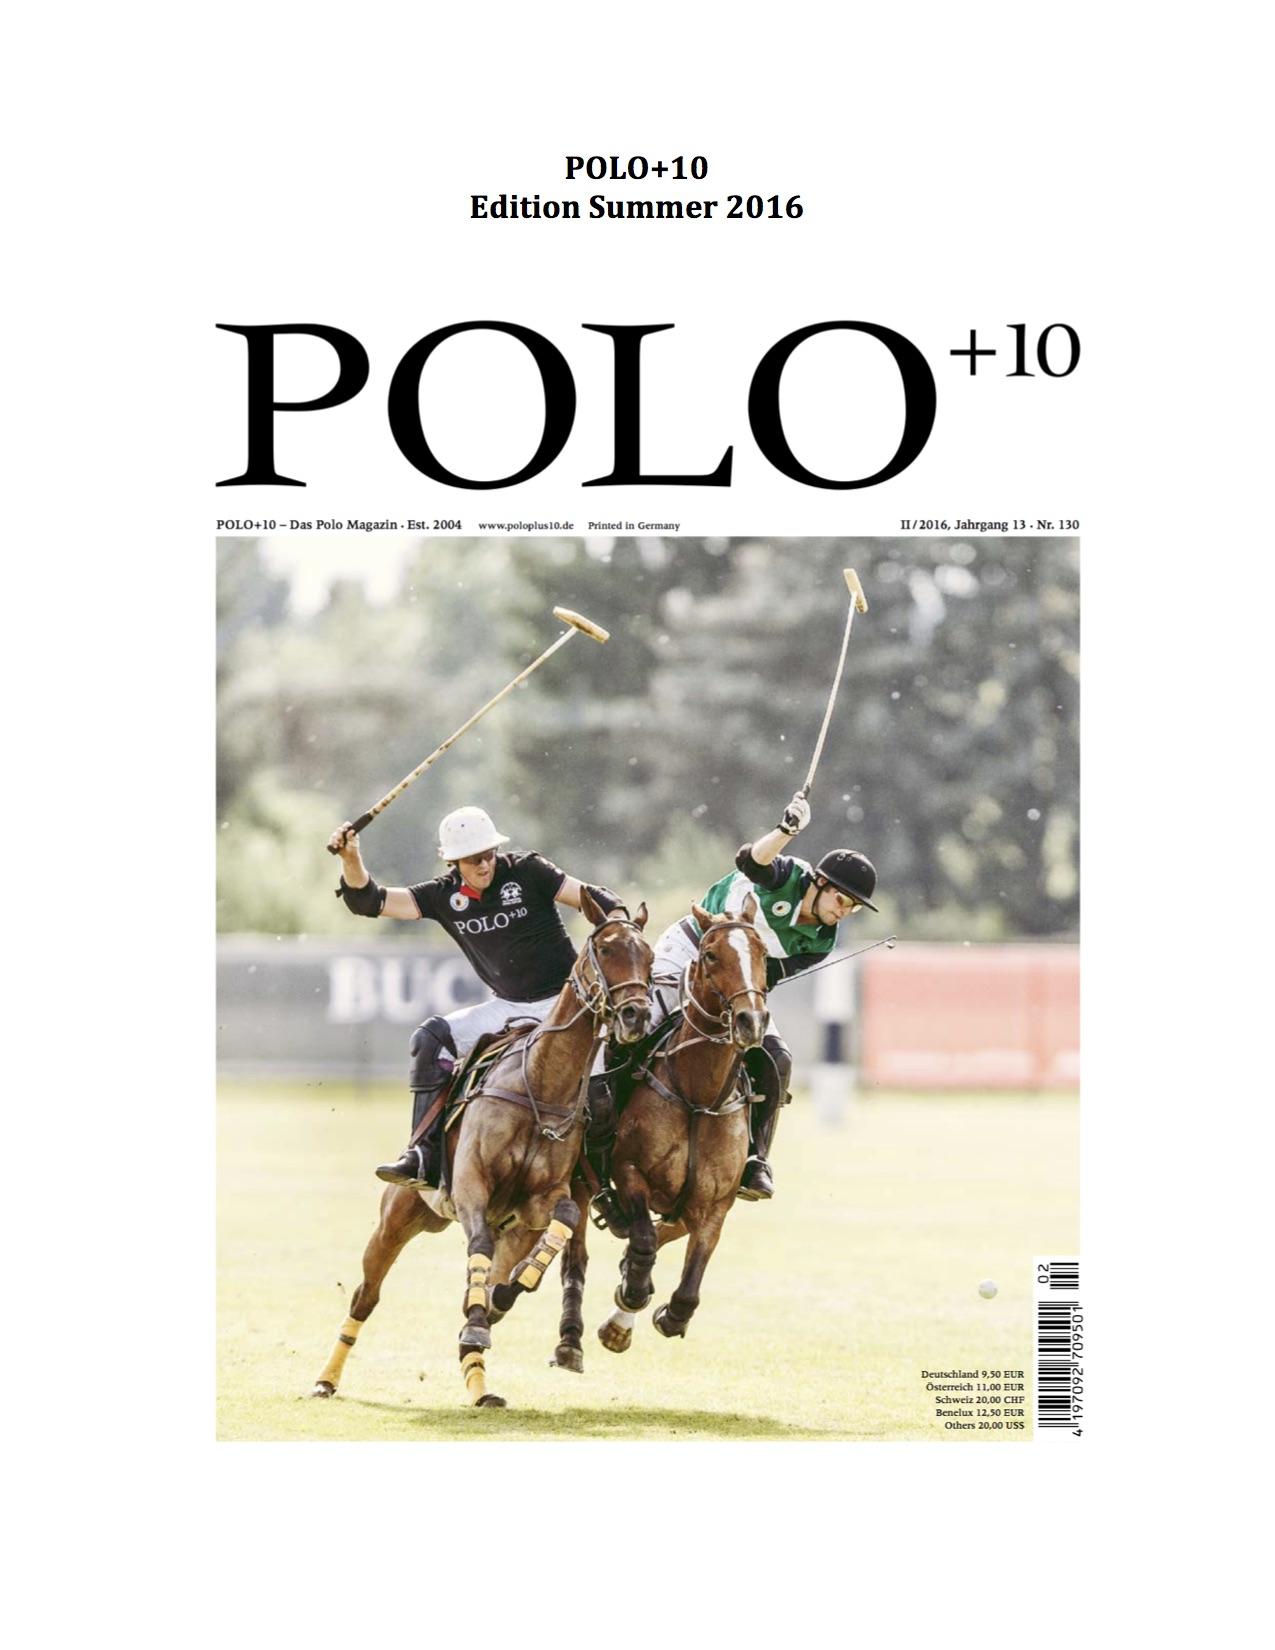 Polo+103.jpg